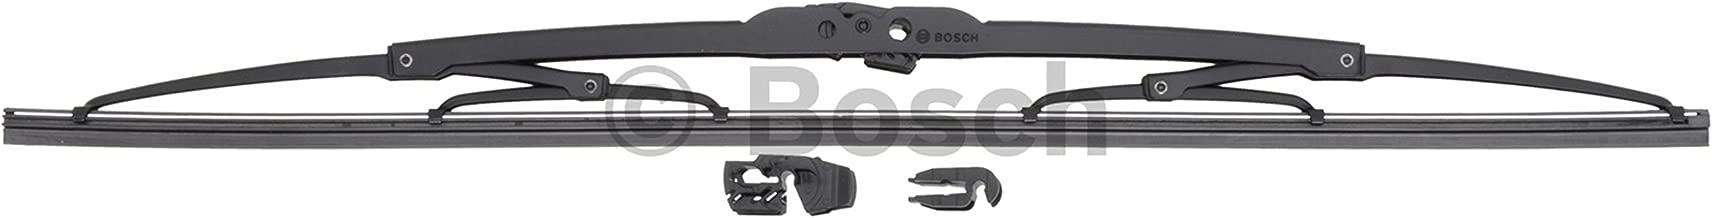 Bosch MicroEdge 40720A Wiper Blade - 20